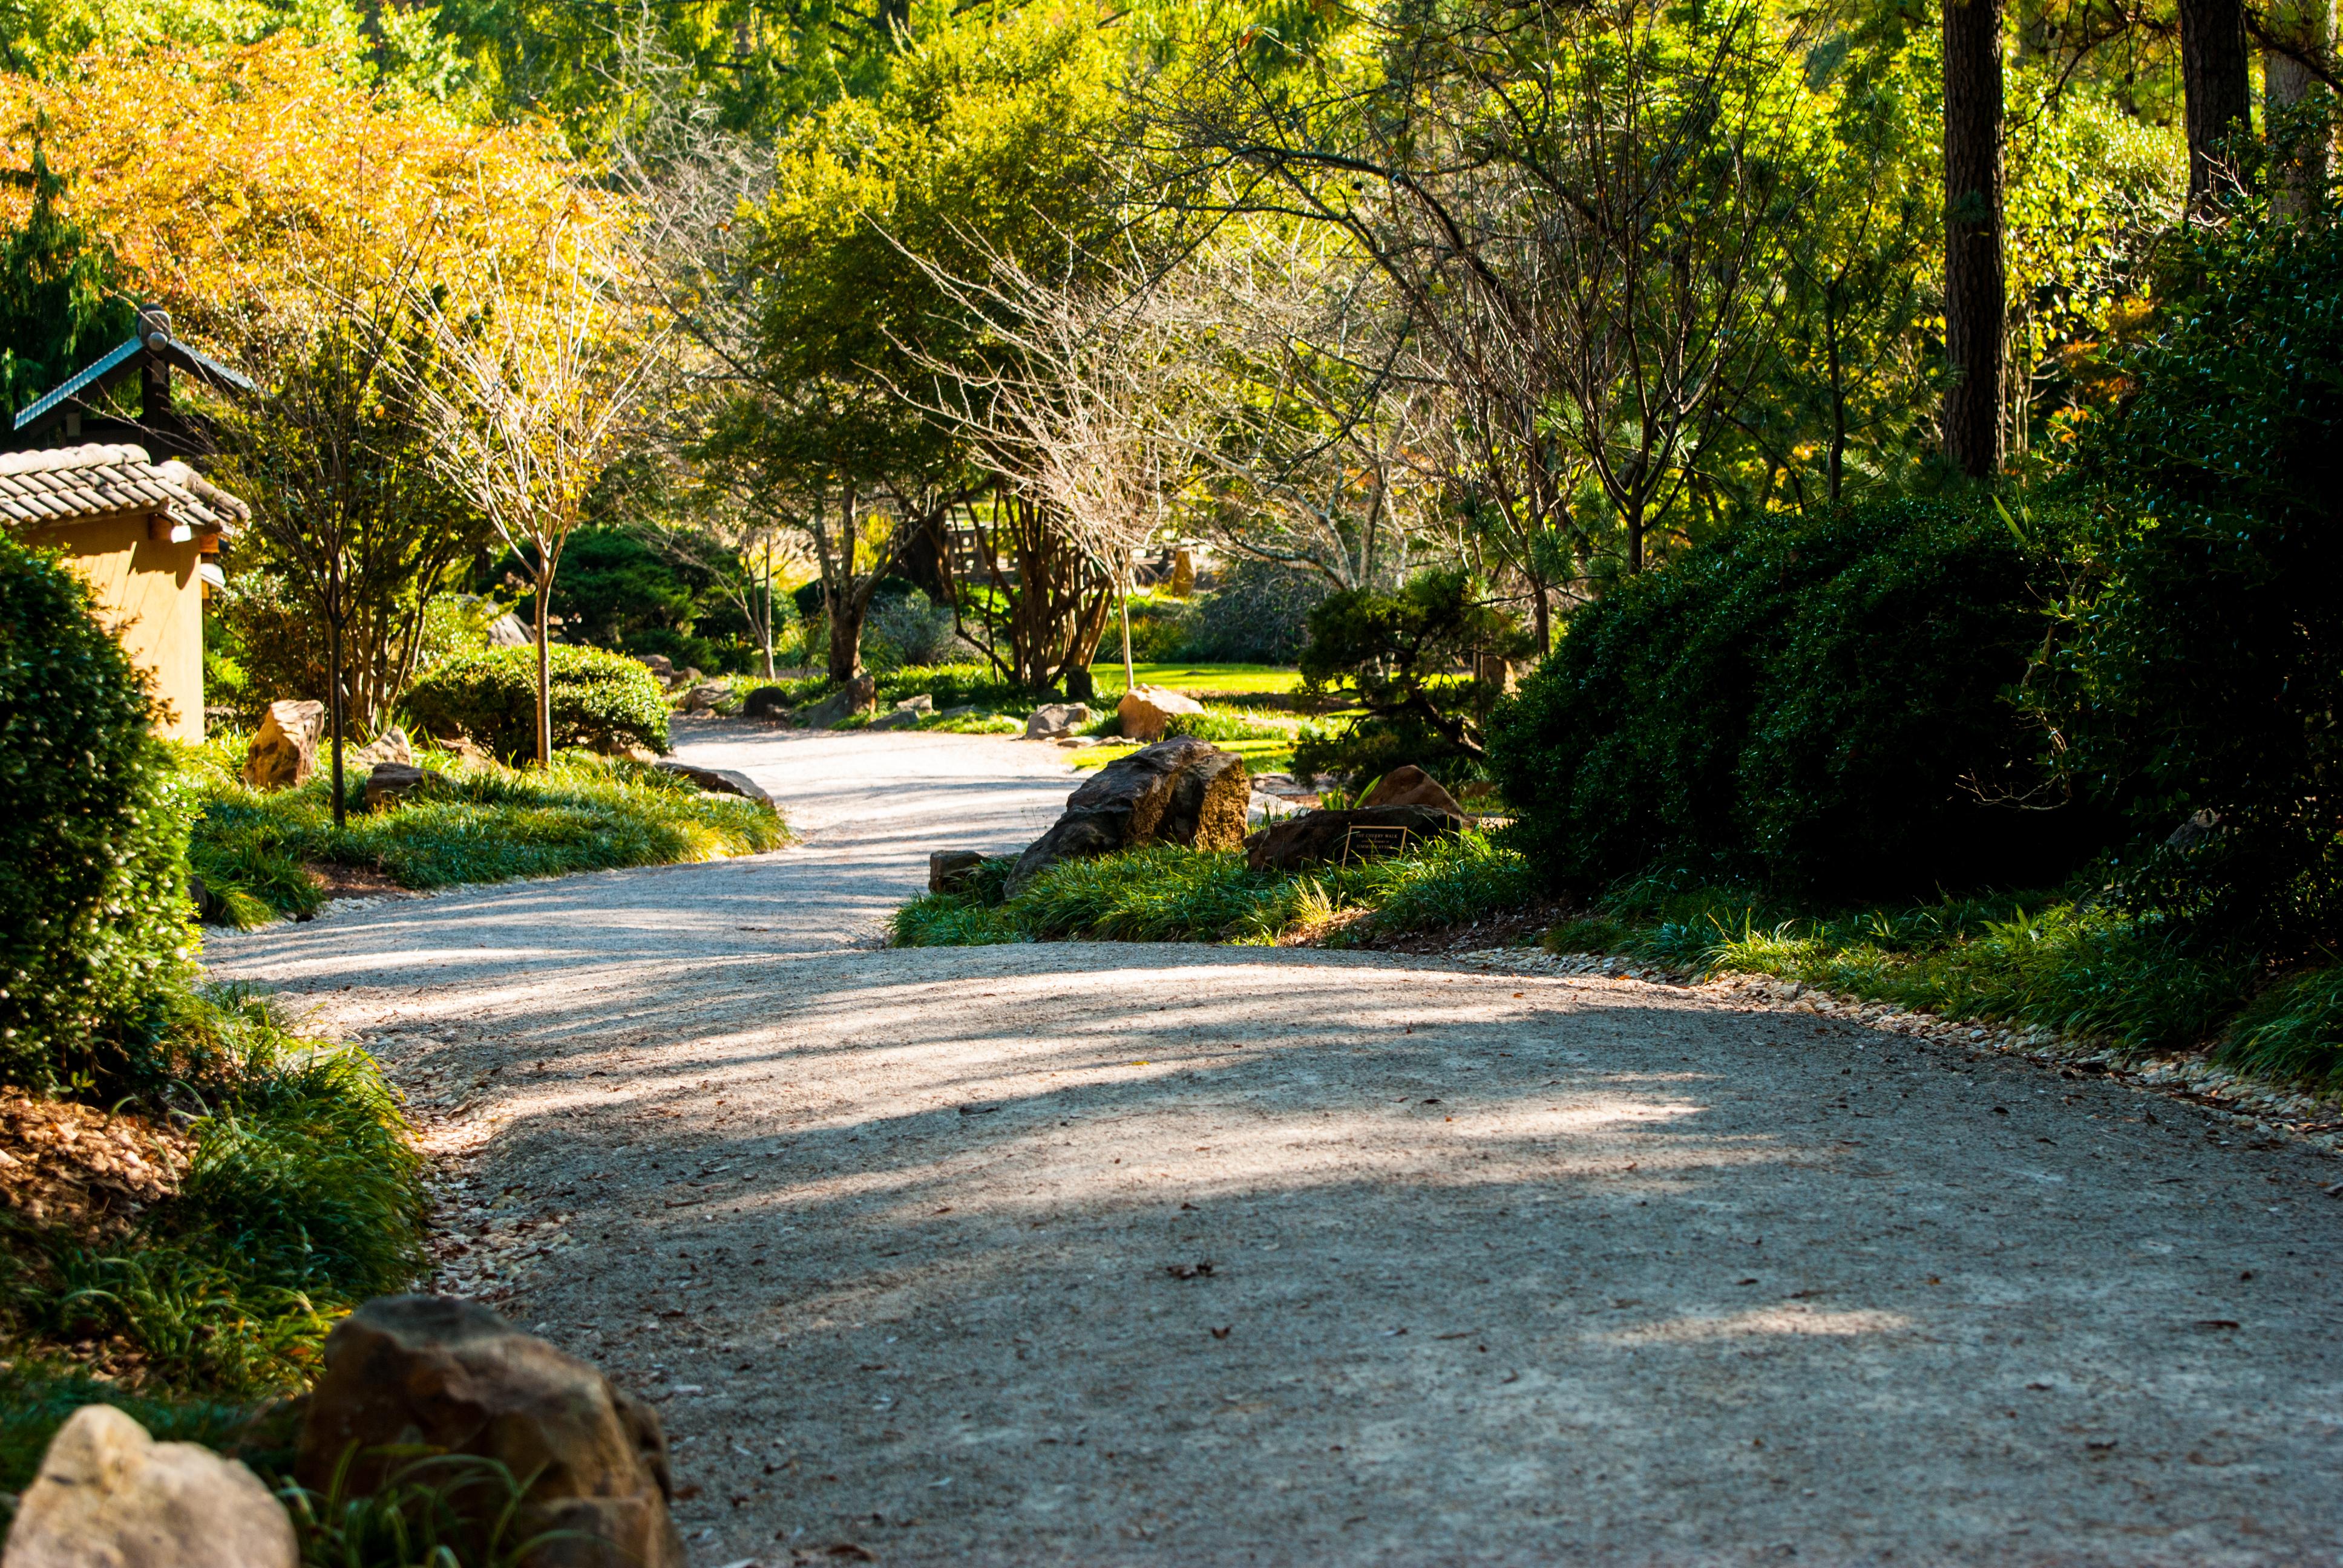 Birmingham botanical gardens grayfeathersblog for Birmingham botanical gardens birmingham al